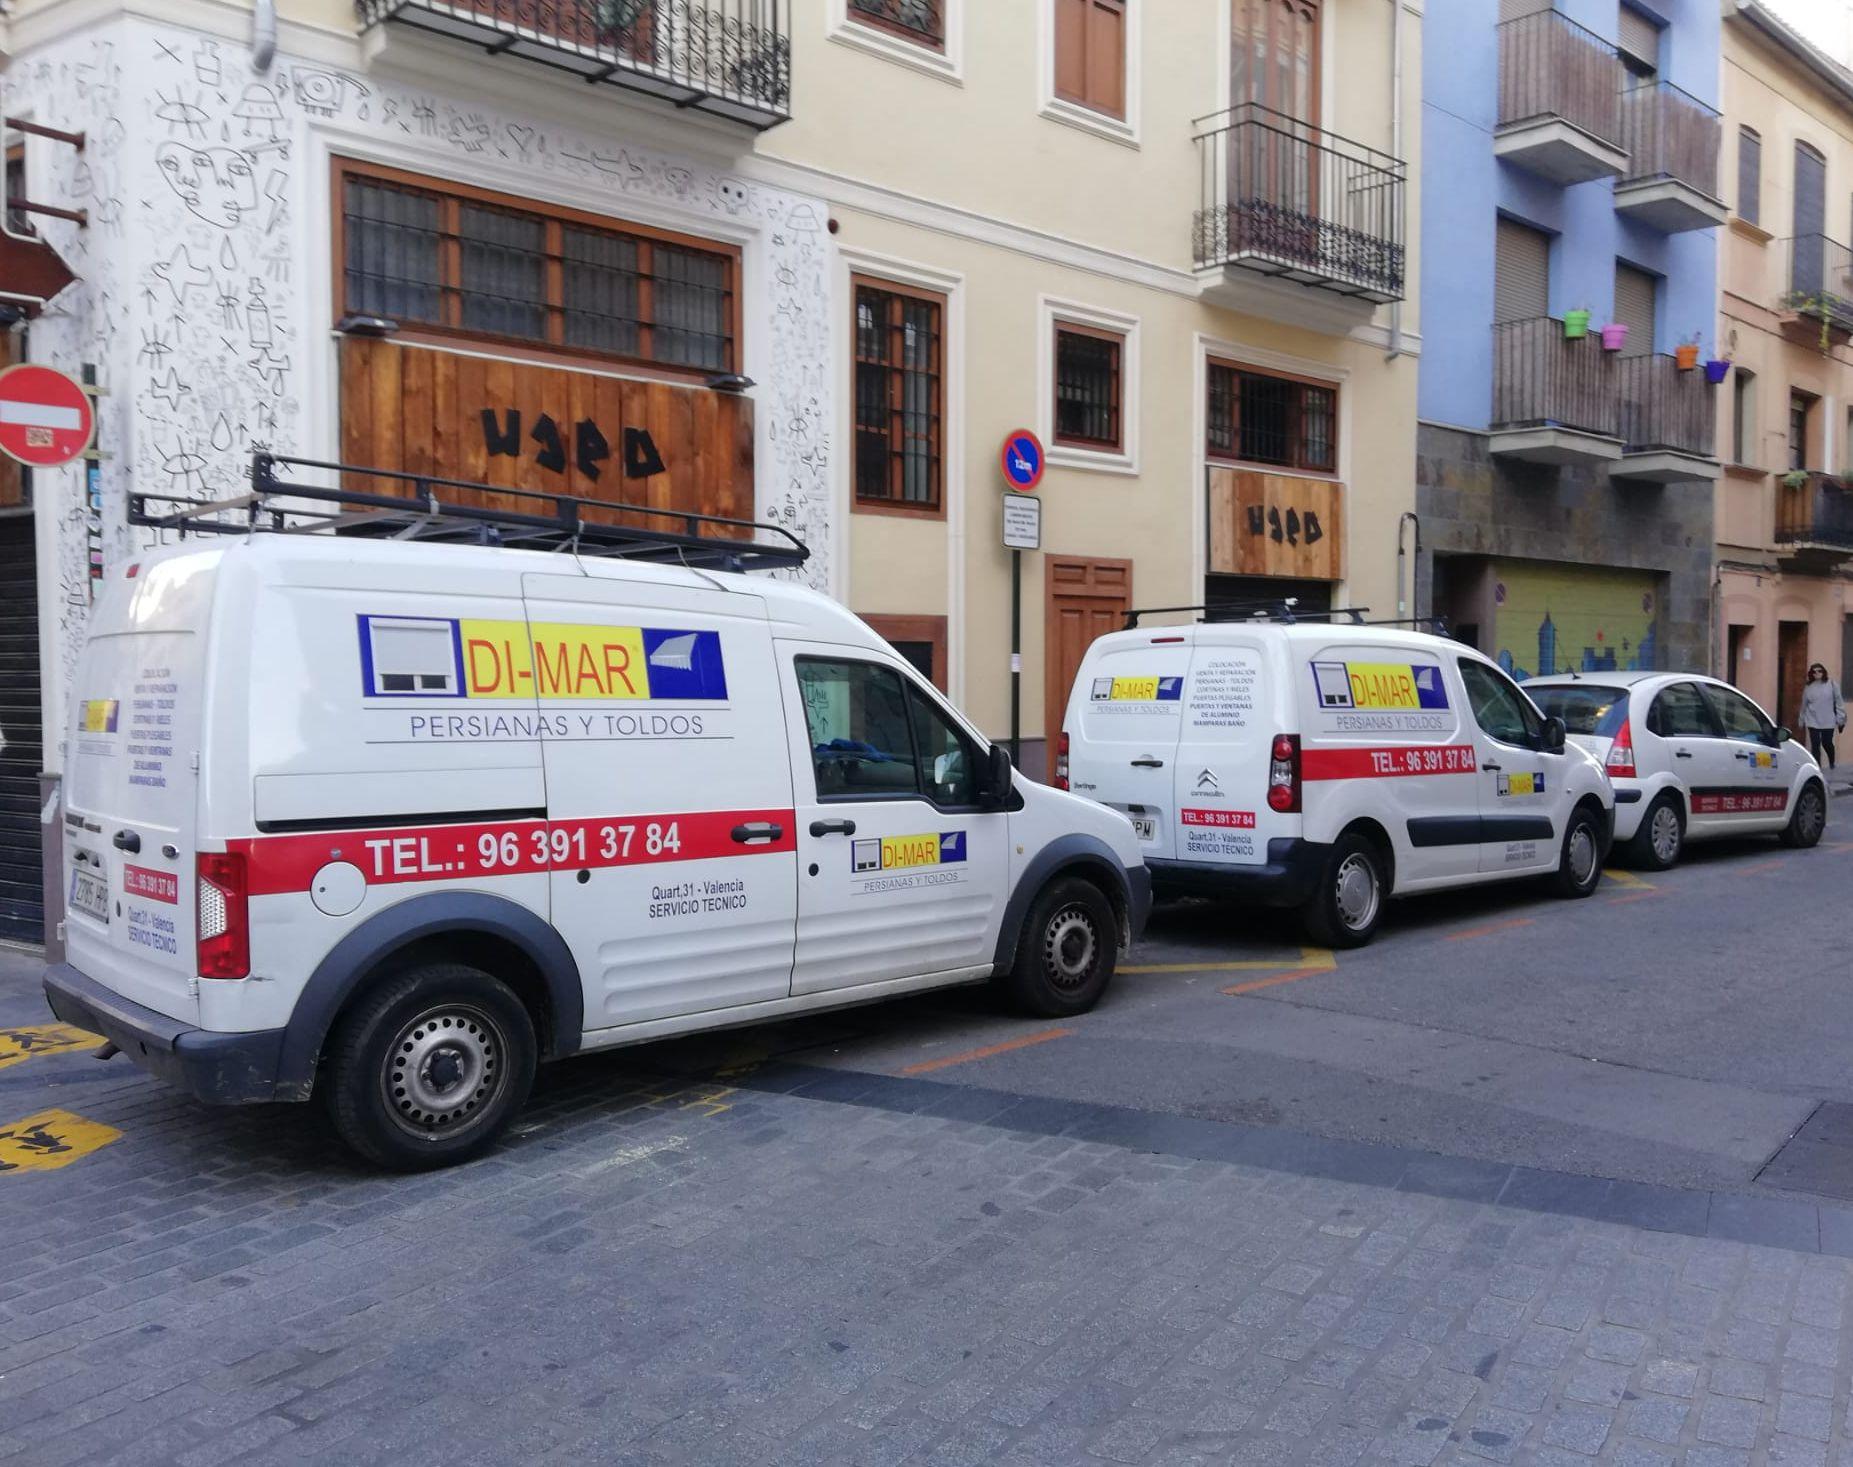 Instalación, venta y reparación de Toldos y Persianas en Valencia